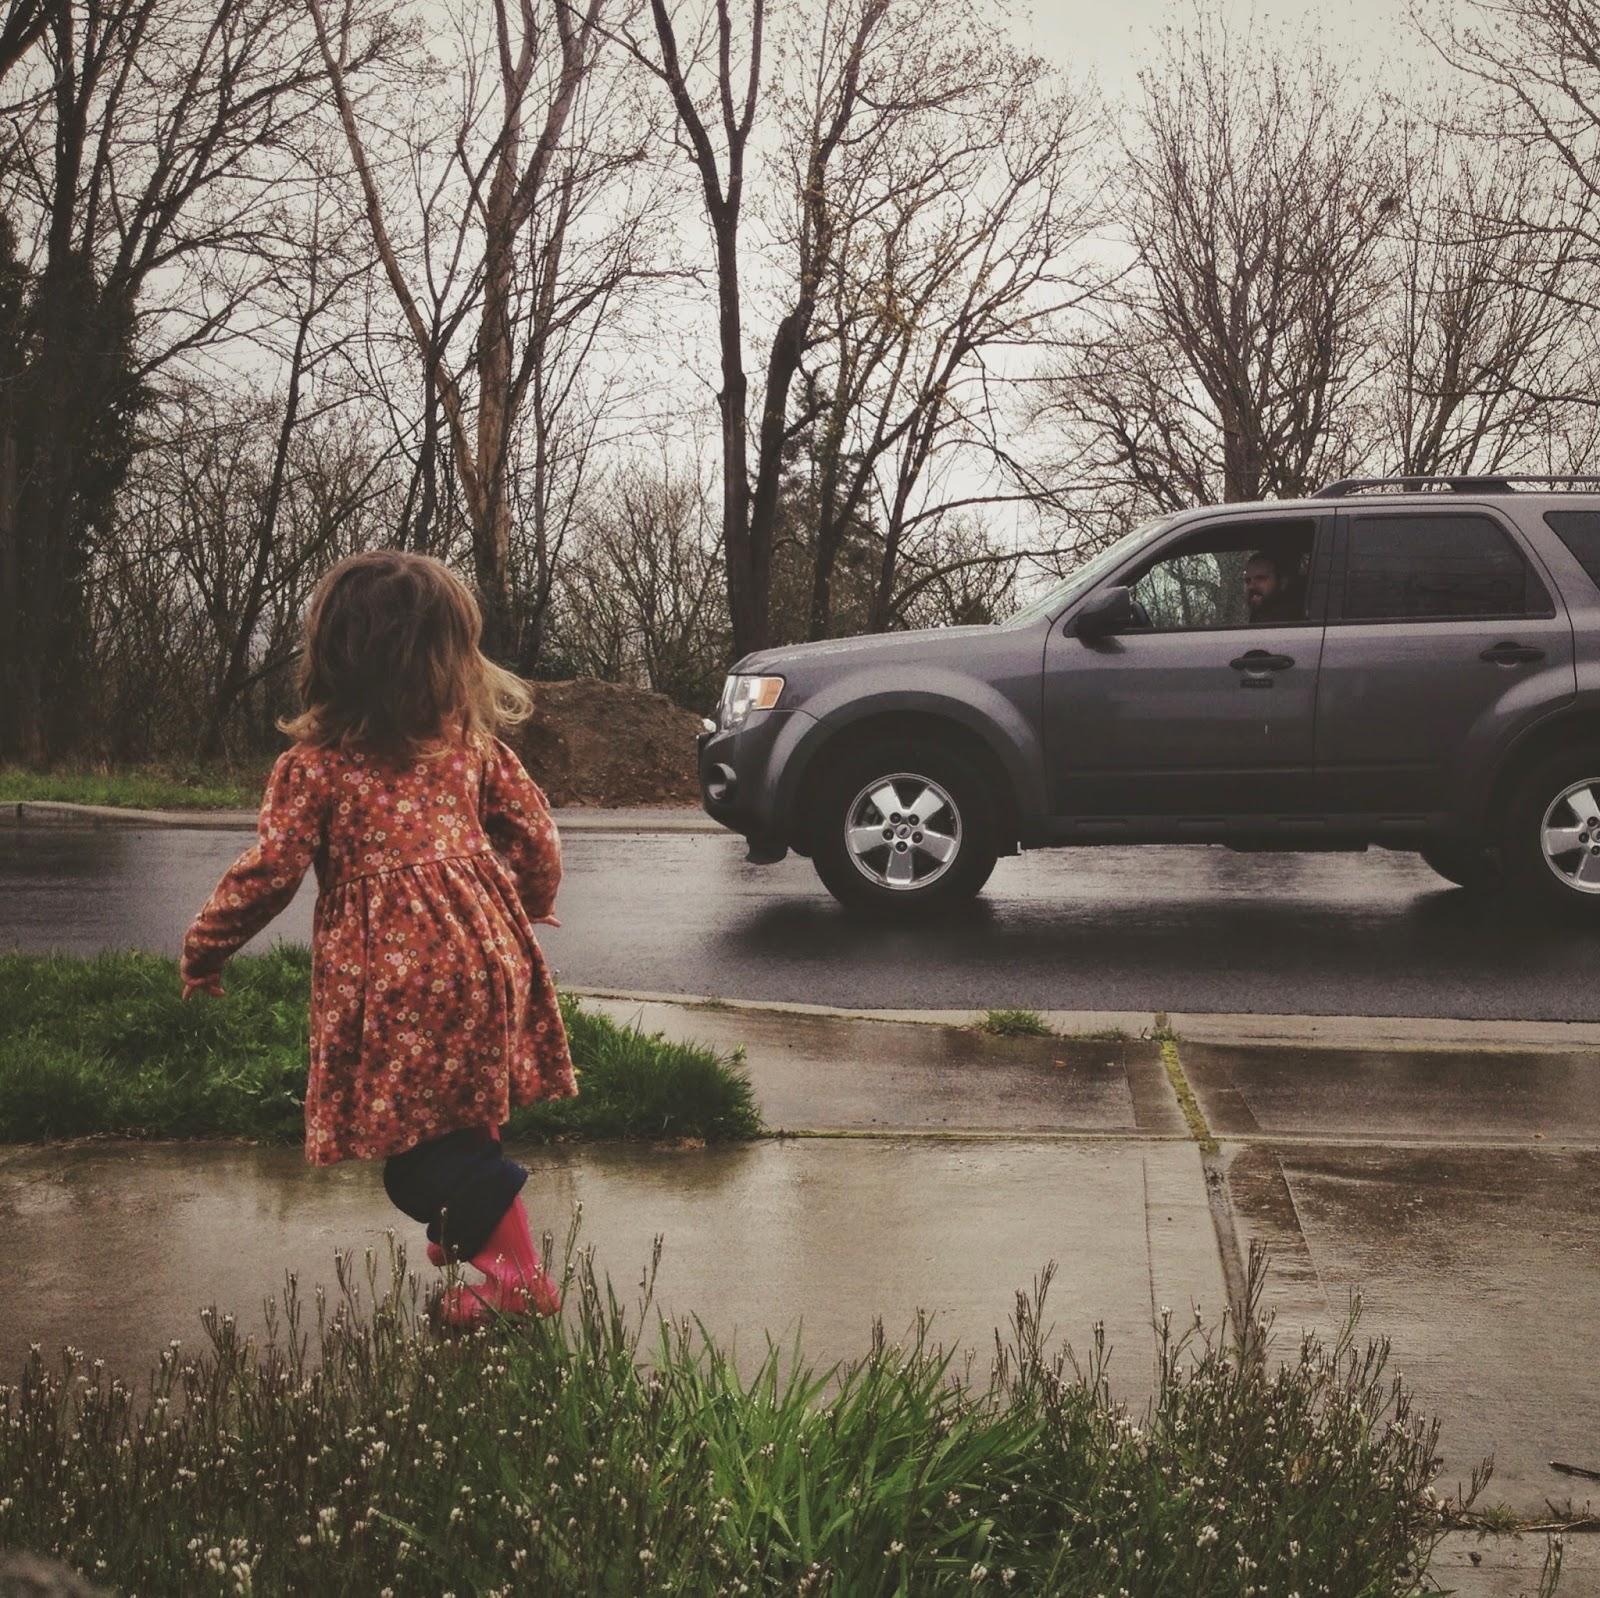 chasing papa's car